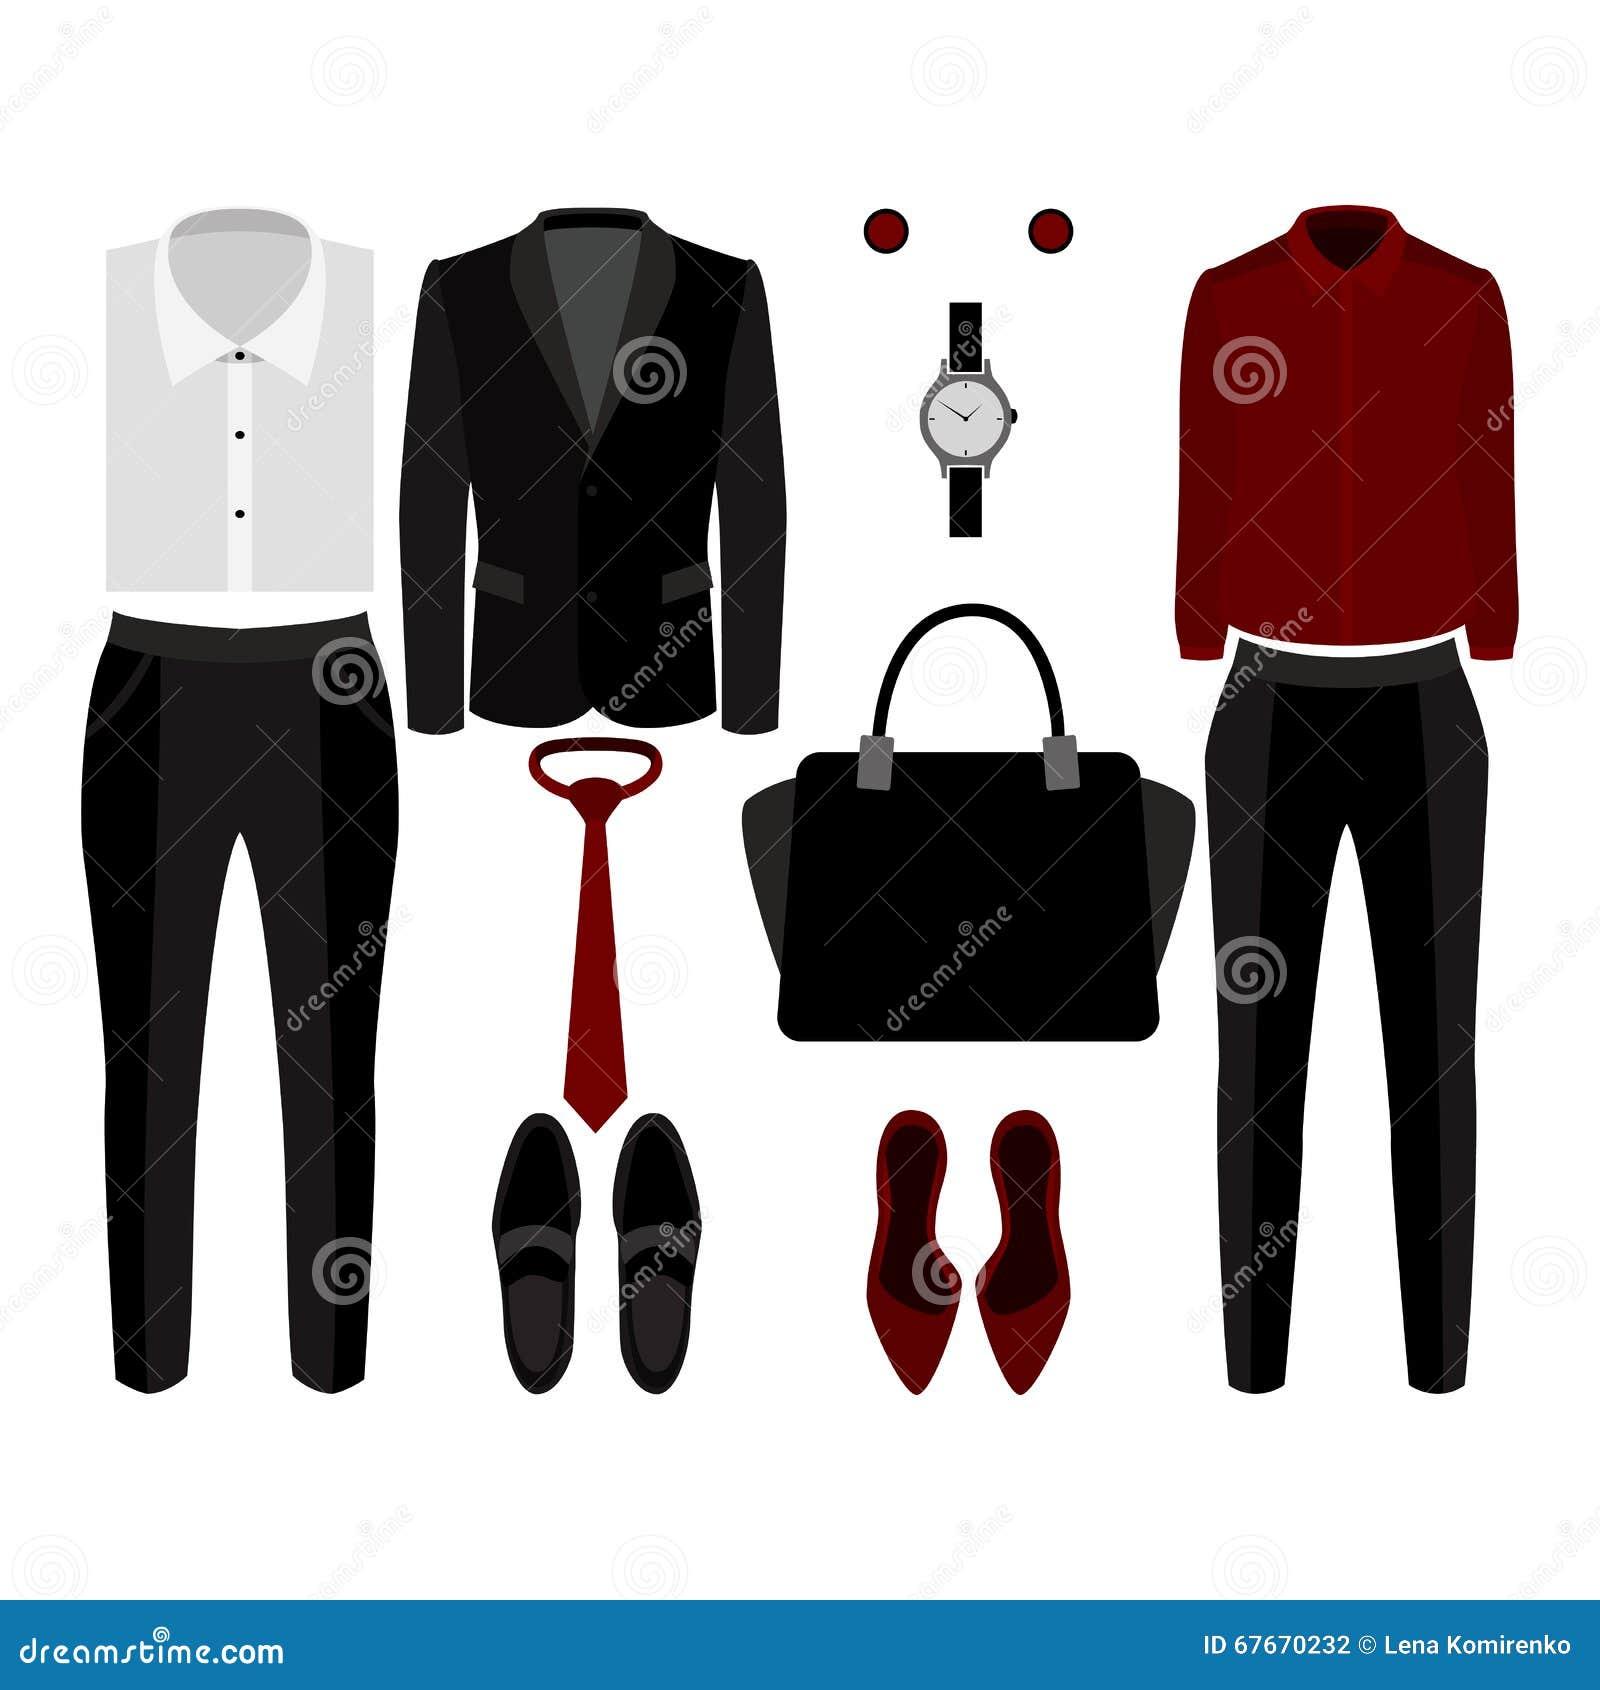 sistema de ropa de moda equipo del hombre y ropa y accesorios de la mujer fotografa